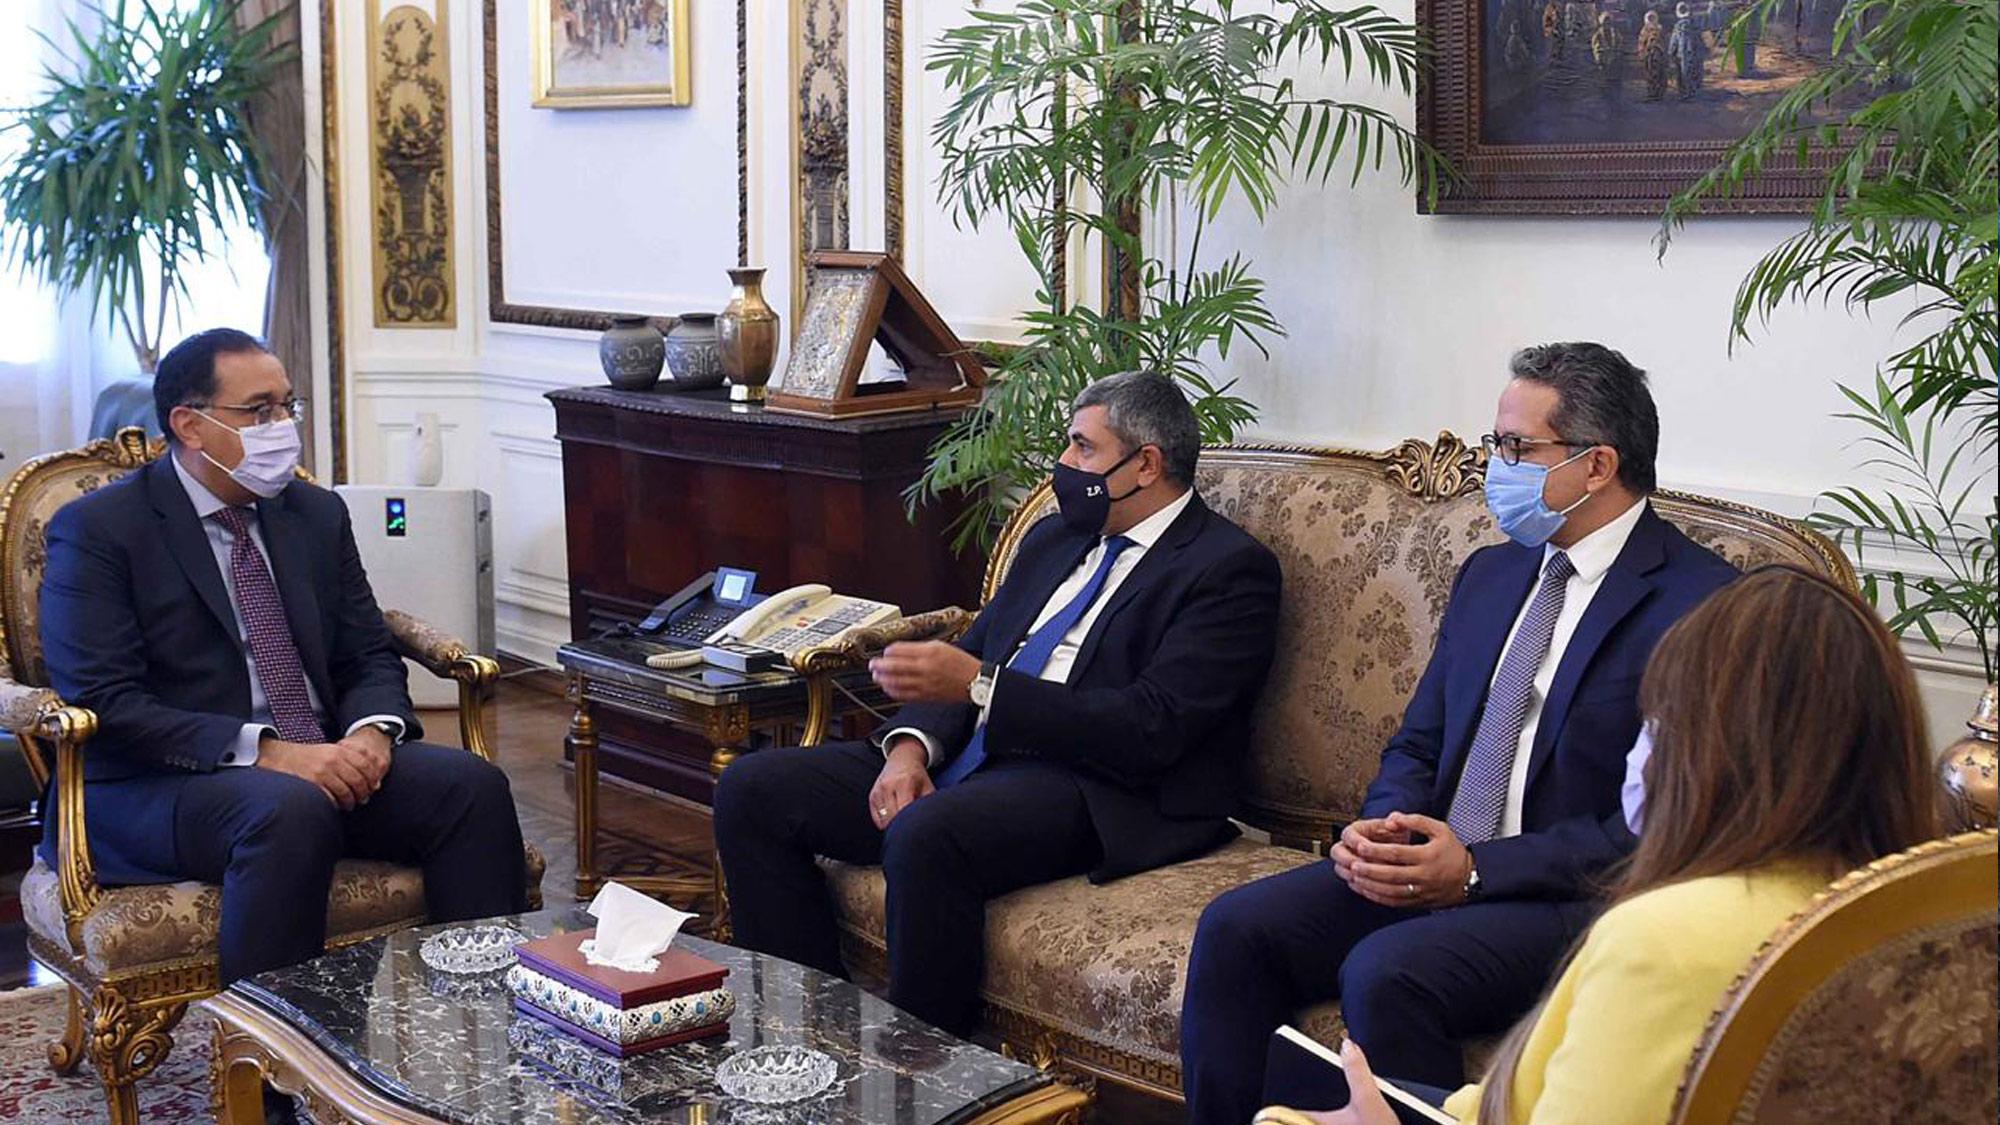 Una delegación de la OMT en visita oficial observa que es posible un reinicio seguro del turismo en Egipto